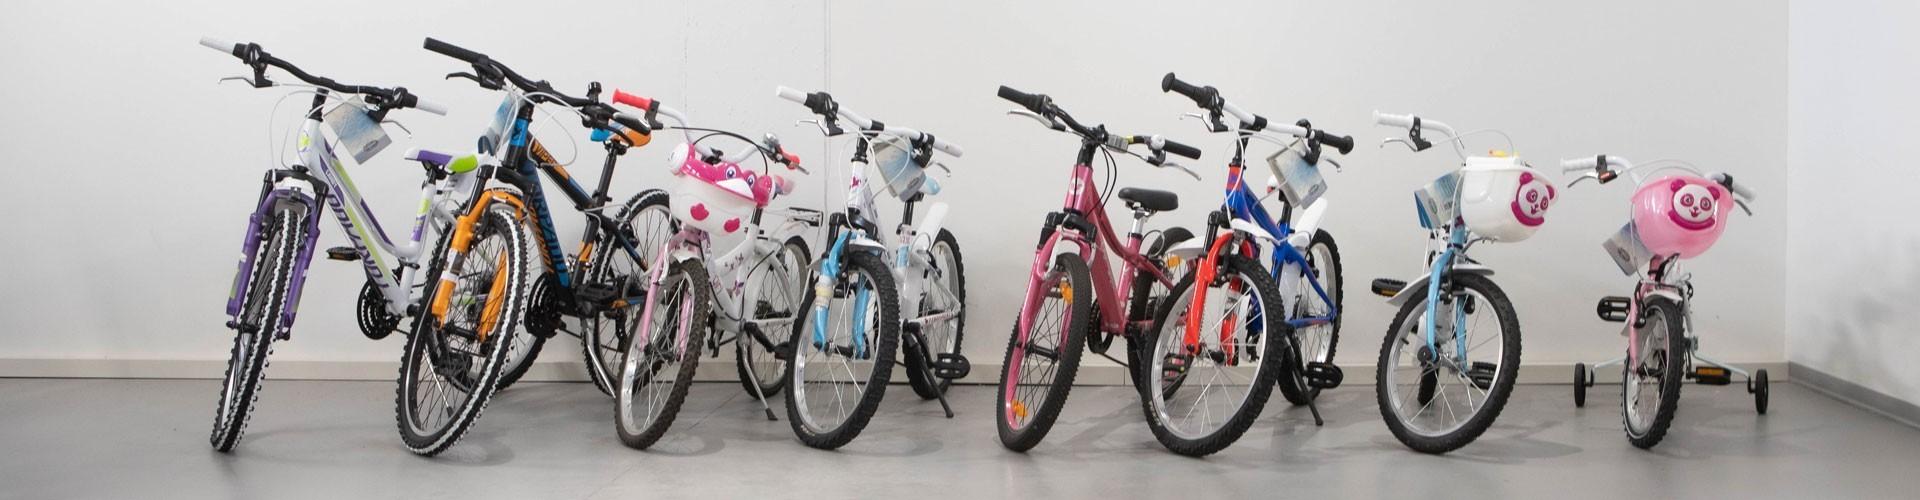 Biciclette Bici da bimbo in vendita da E-Bike